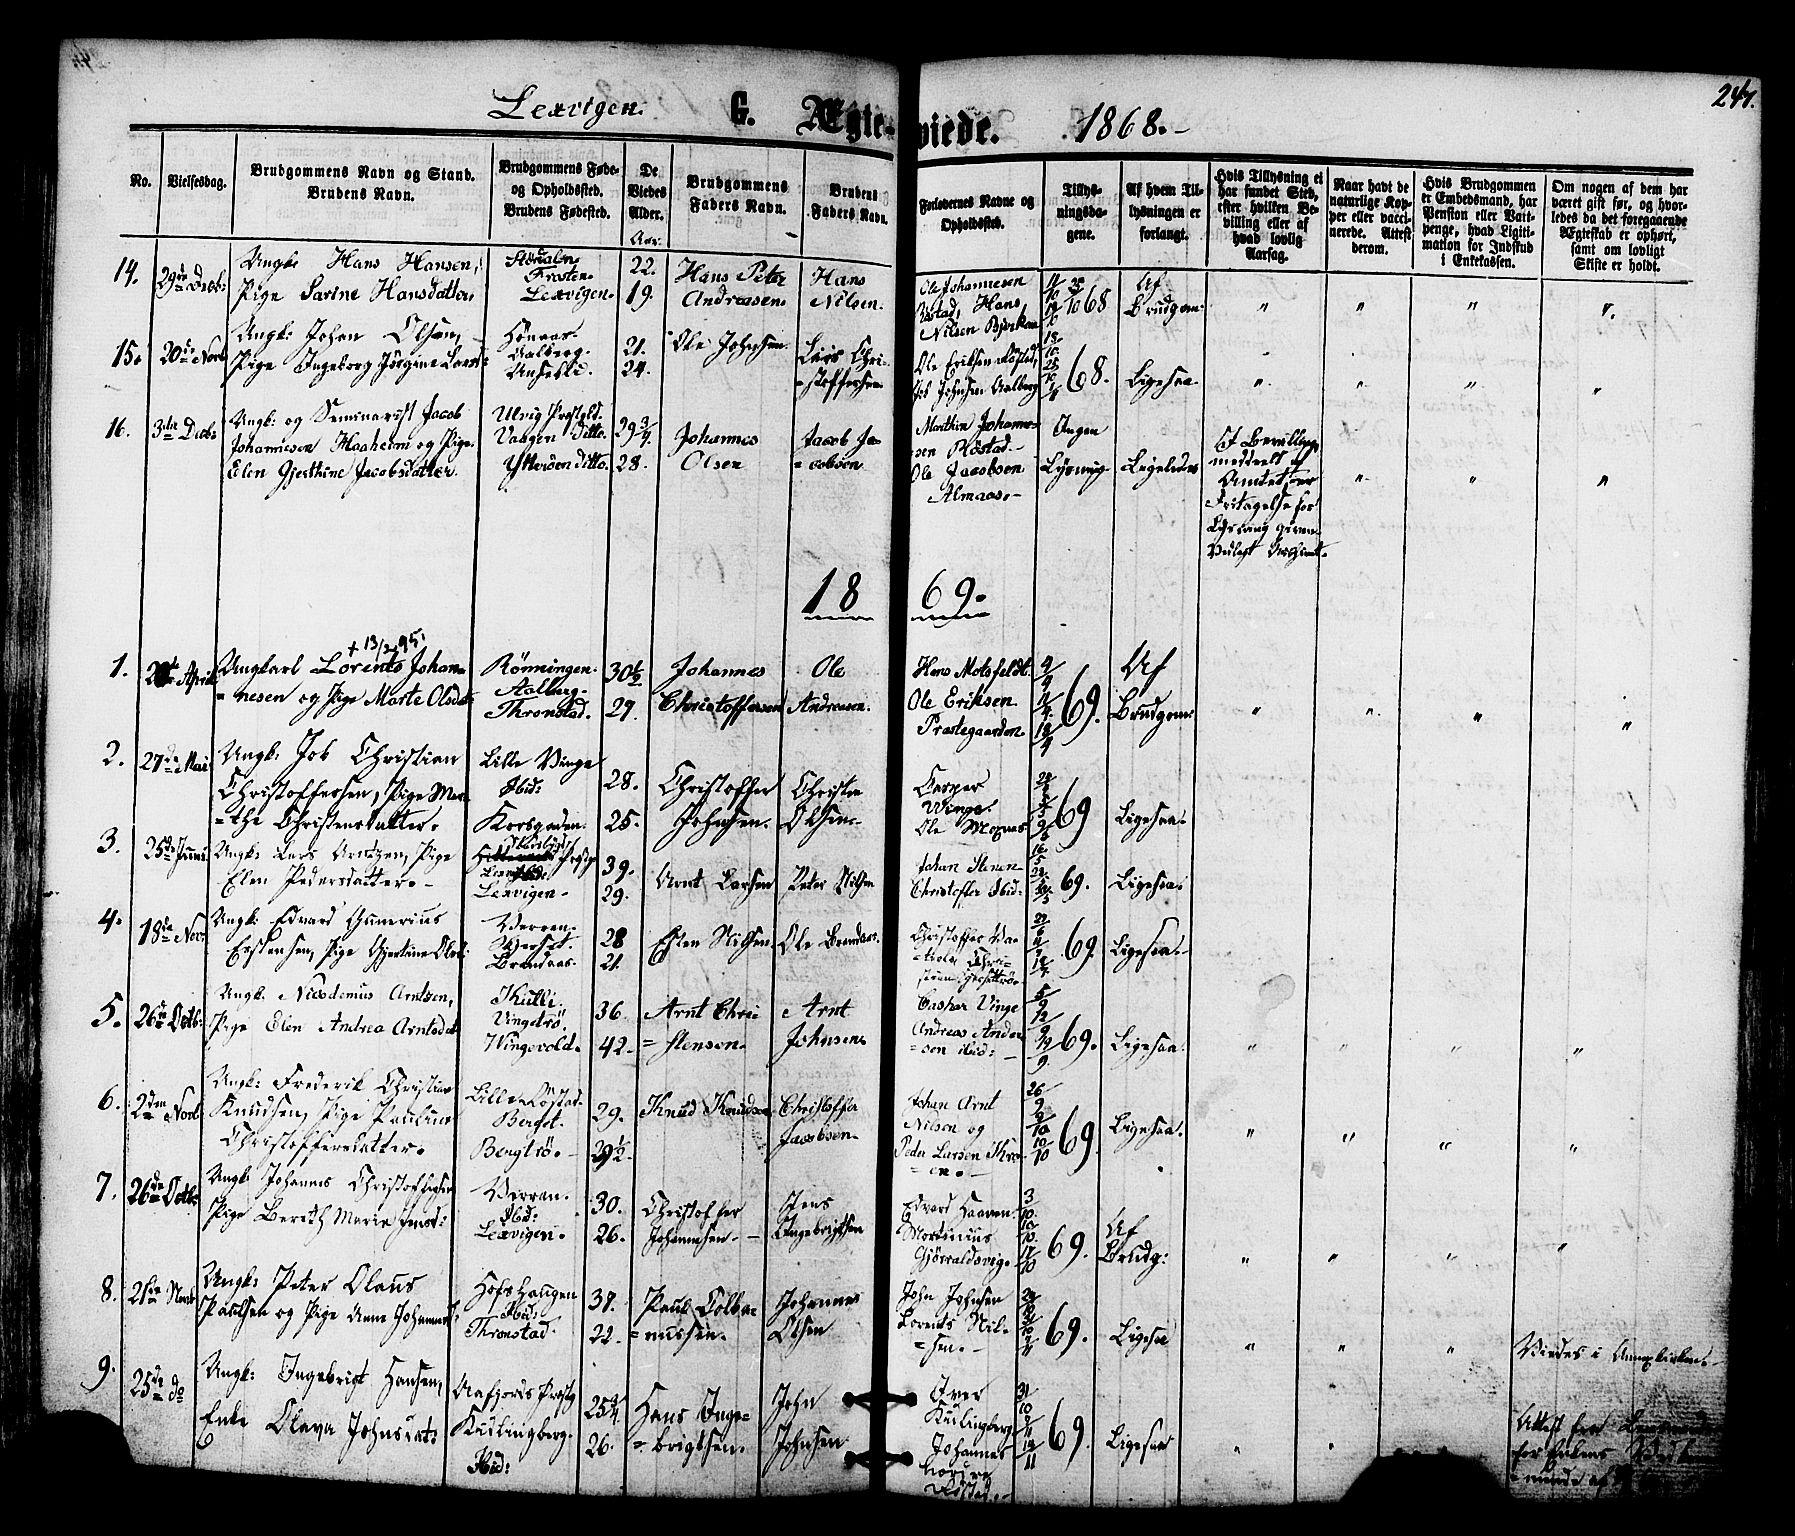 SAT, Ministerialprotokoller, klokkerbøker og fødselsregistre - Nord-Trøndelag, 701/L0009: Ministerialbok nr. 701A09 /1, 1864-1882, s. 247